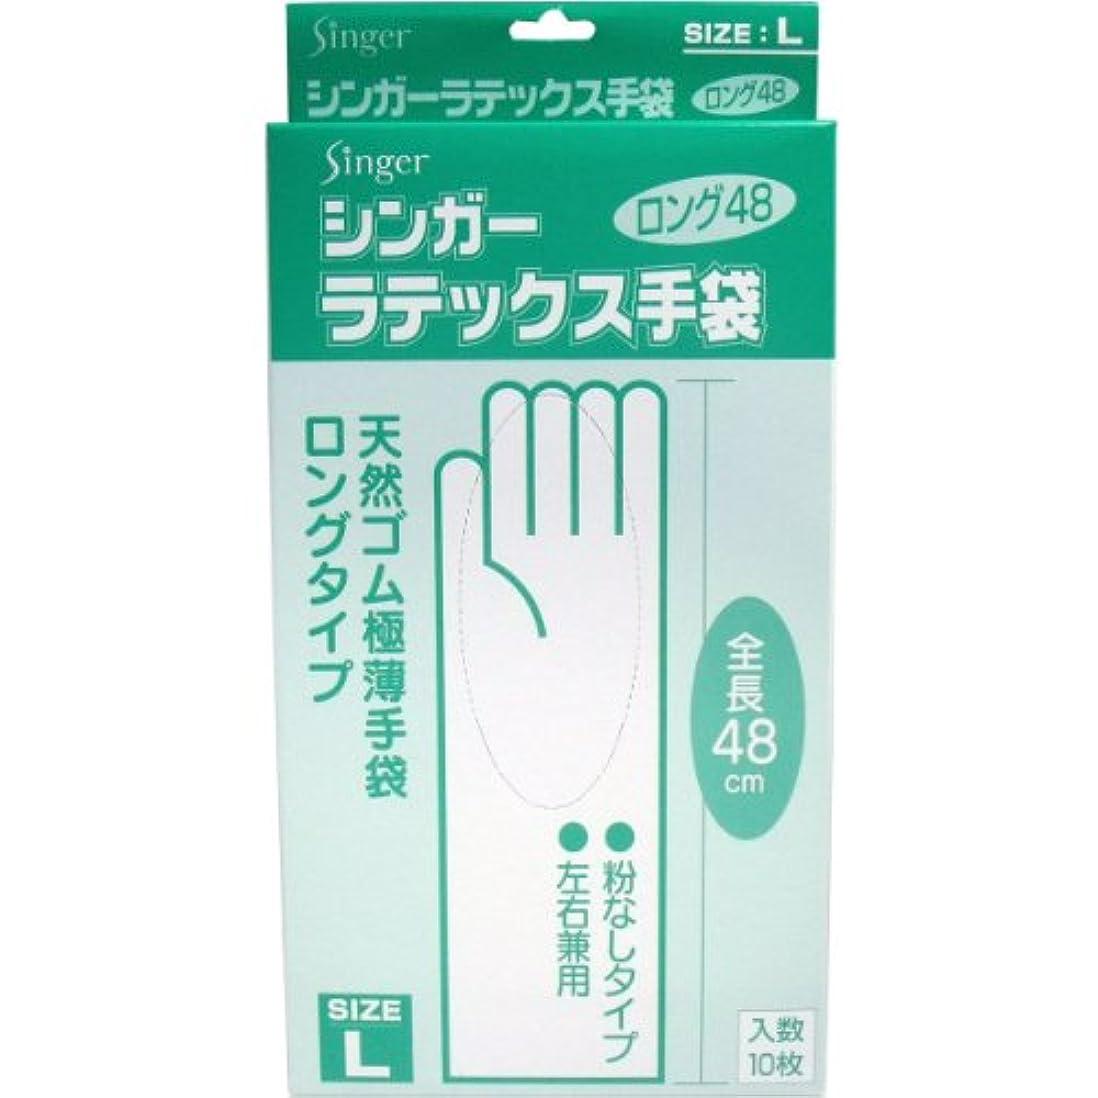 追加する代替ブレイズ宇都宮製作 シンガー ラテックス手袋 ロング48 パウダーフリー L 1セット(30枚:10枚×3箱)